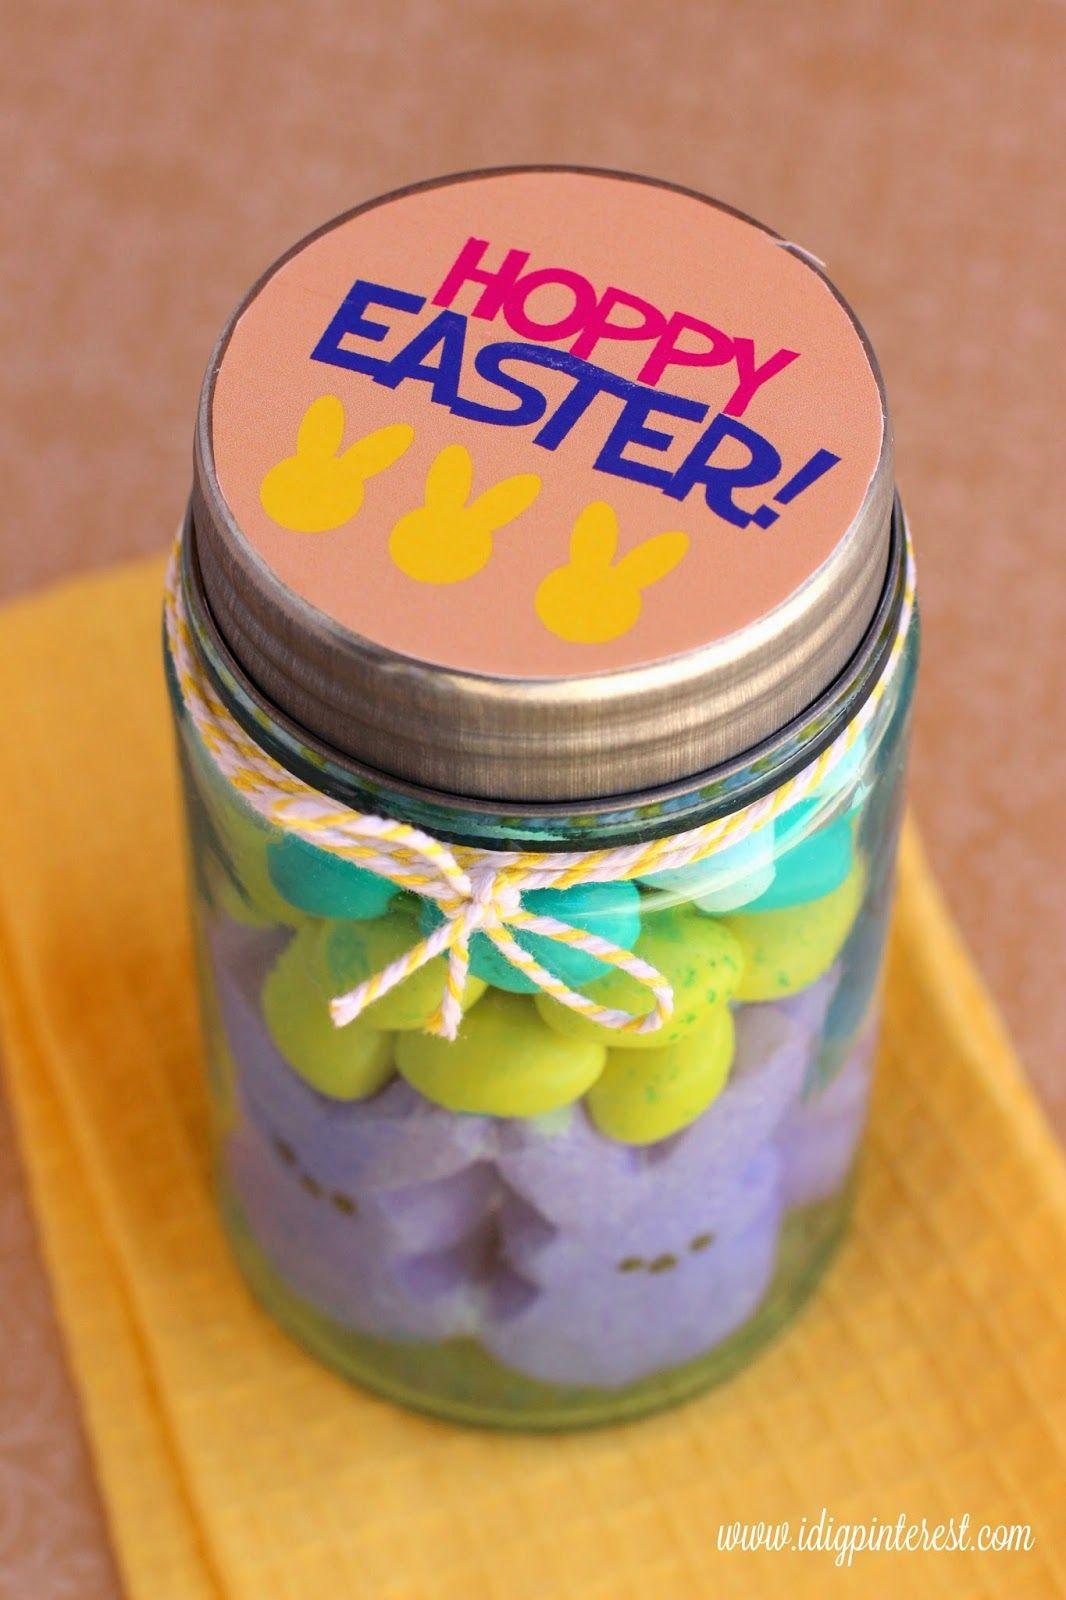 I dig pinterest hoppy easter treat jar gift with silhouette print i dig pinterest hoppy easter treat jar gift with silhouette print cut negle Images